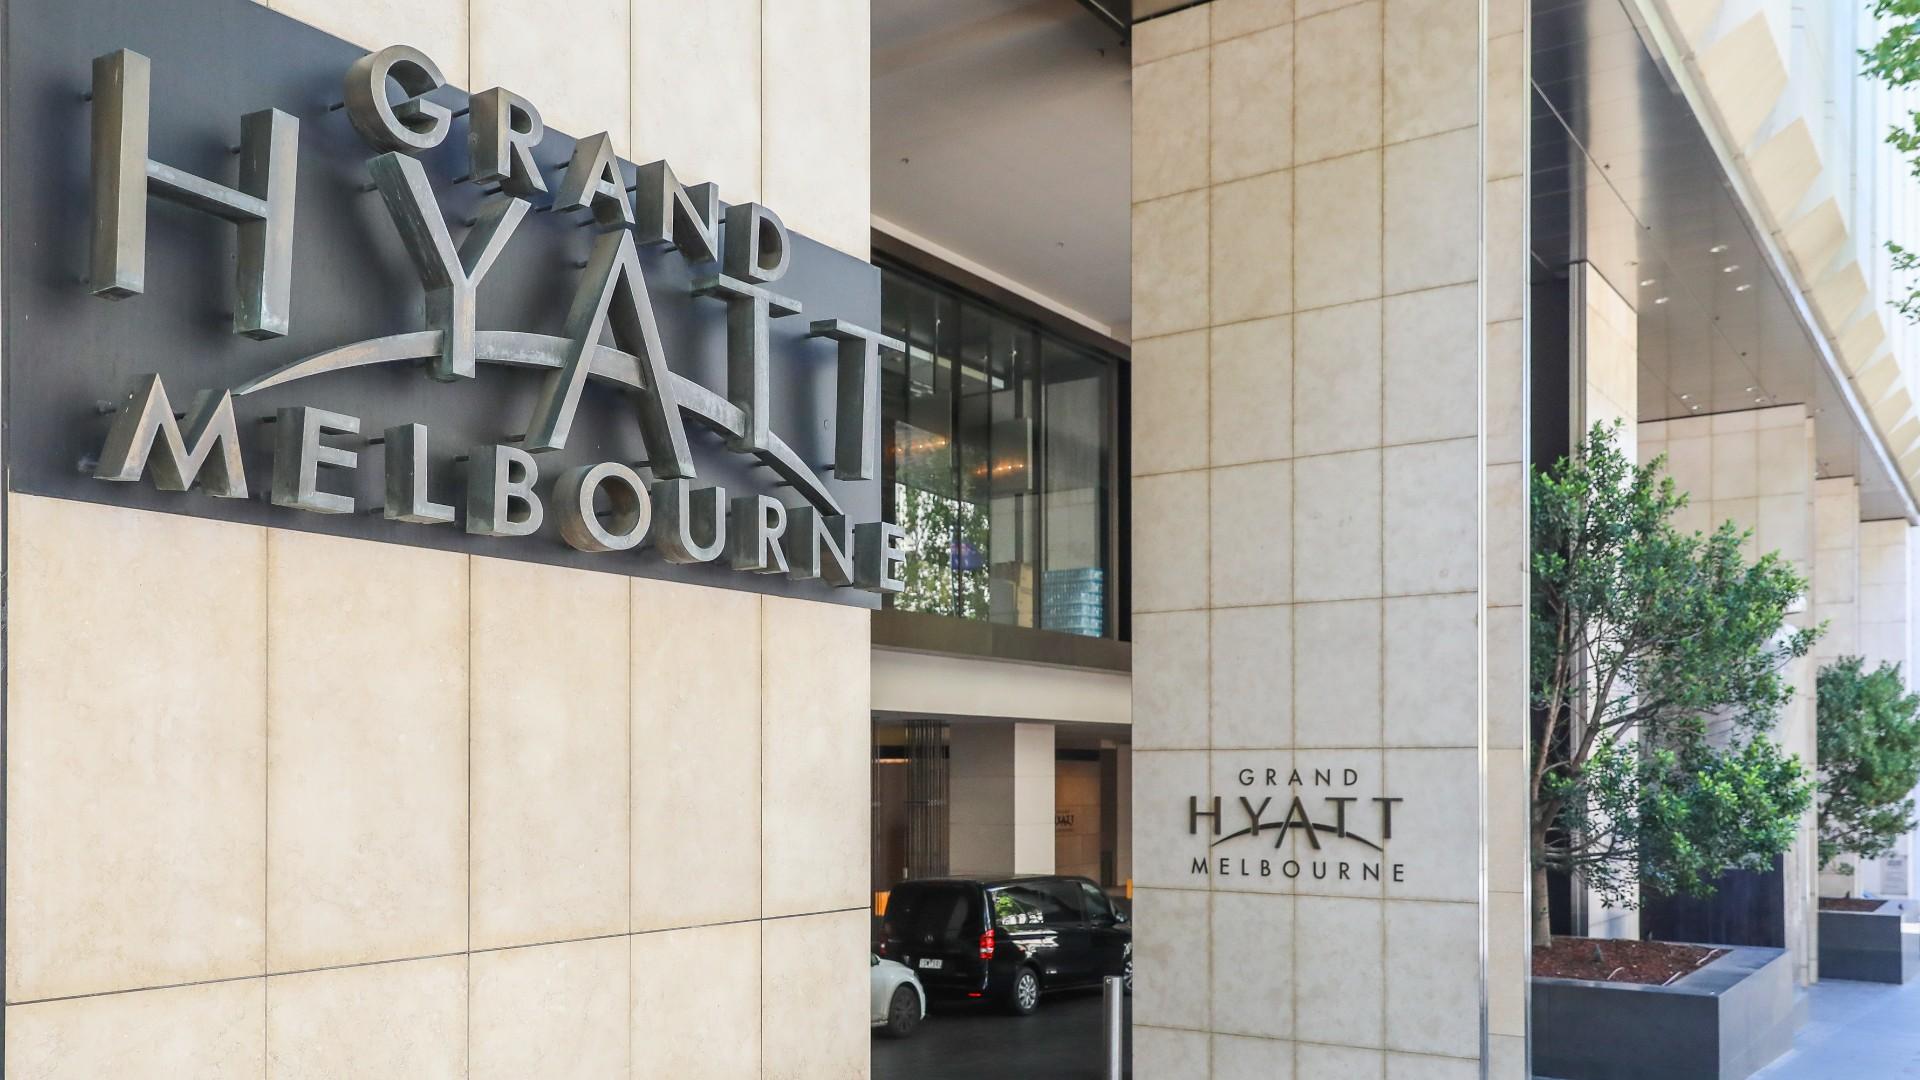 Grand Hyatt hotel, Melbourne